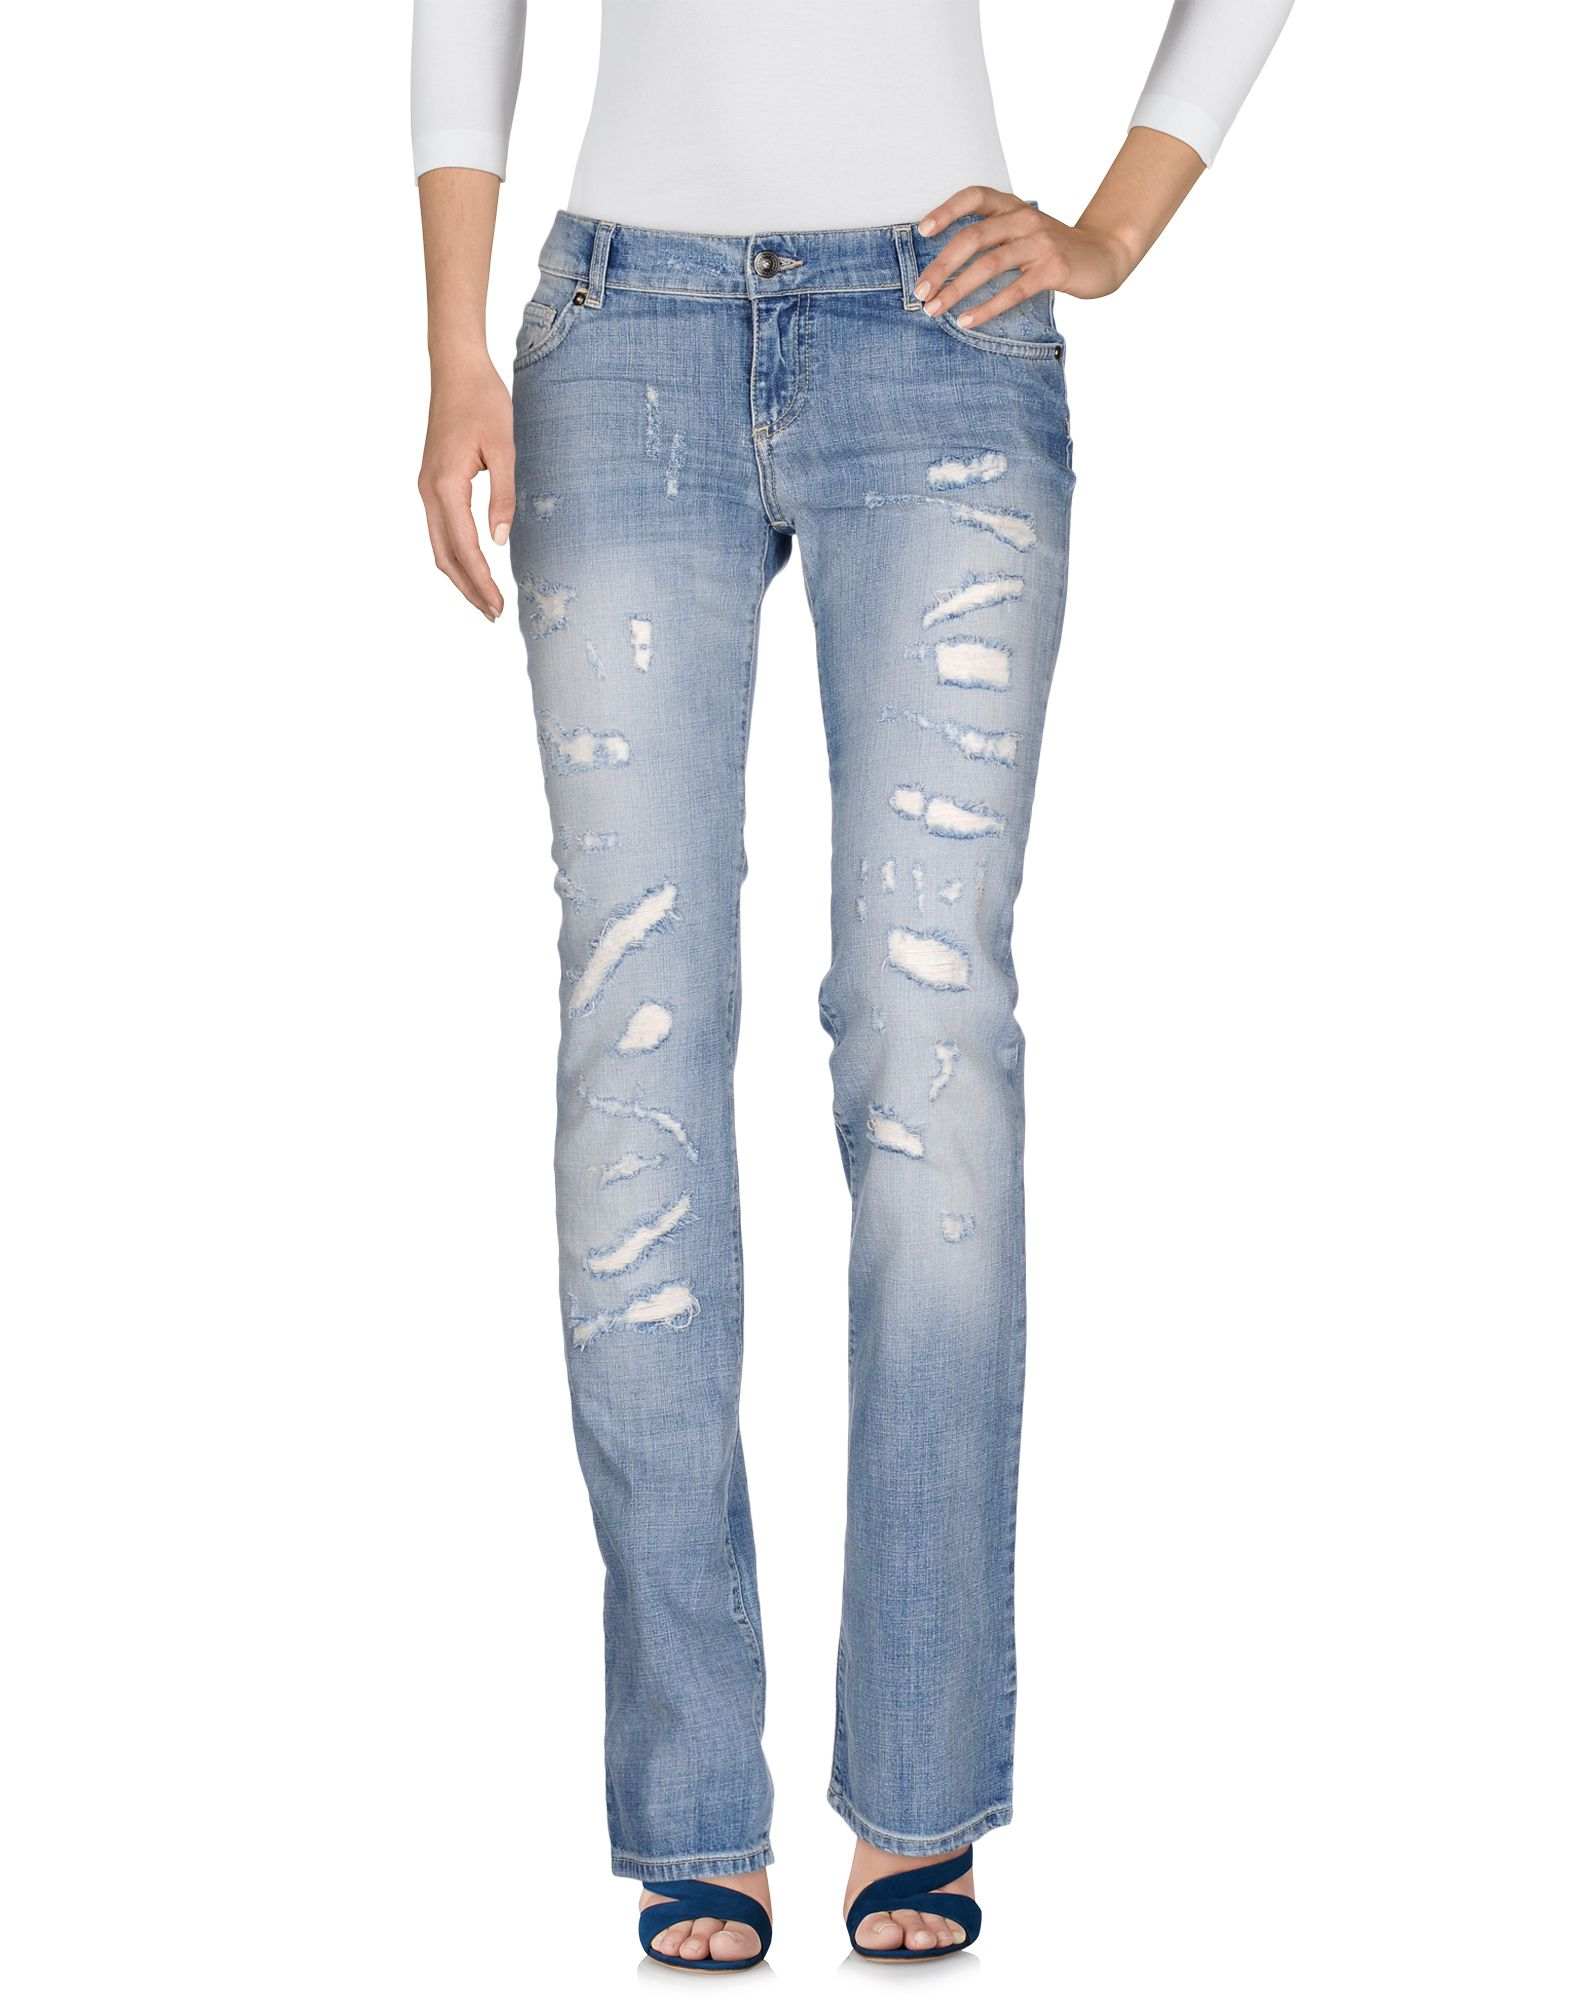 VERSUS VERSACE Damen Jeanshose Farbe Blau Größe 6 jetztbilligerkaufen